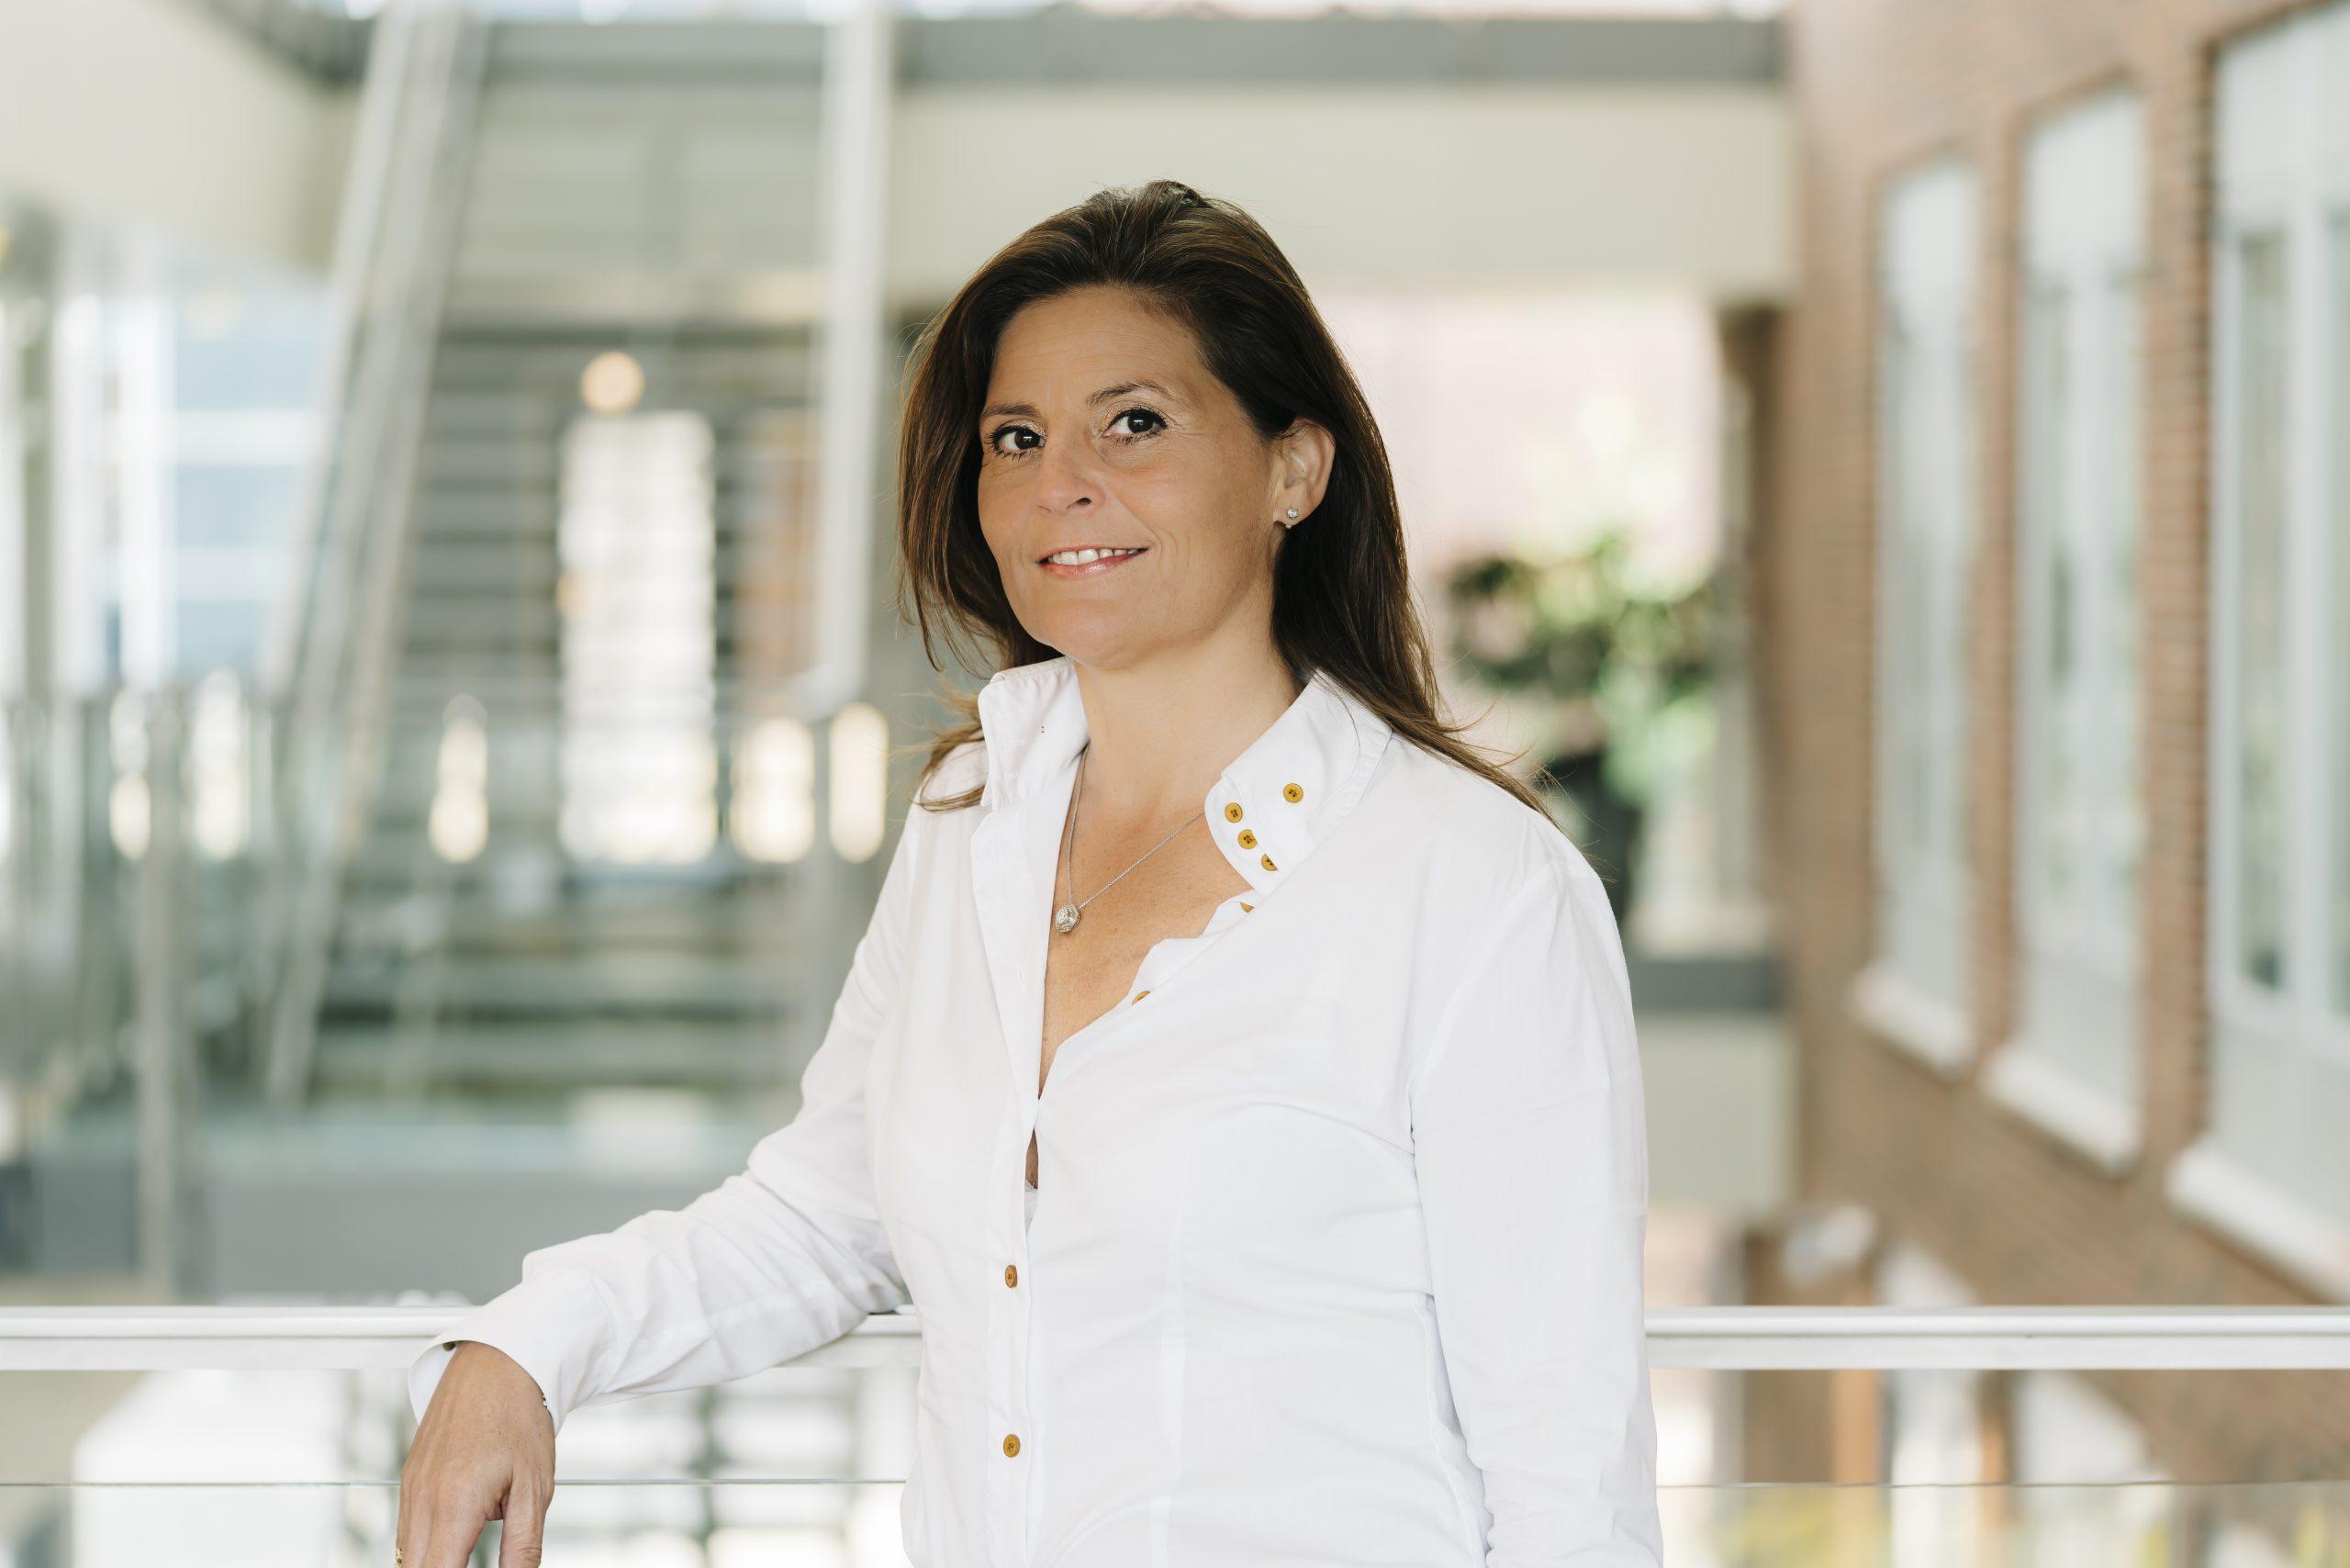 Lisbeth Nedergaard, kommunikationschef for Spies og det nuværende Sunclass Airlines, runder på søndag, 19. januar, de 50 år. Den runde dag fejres under private former. Pressearkivfoto.